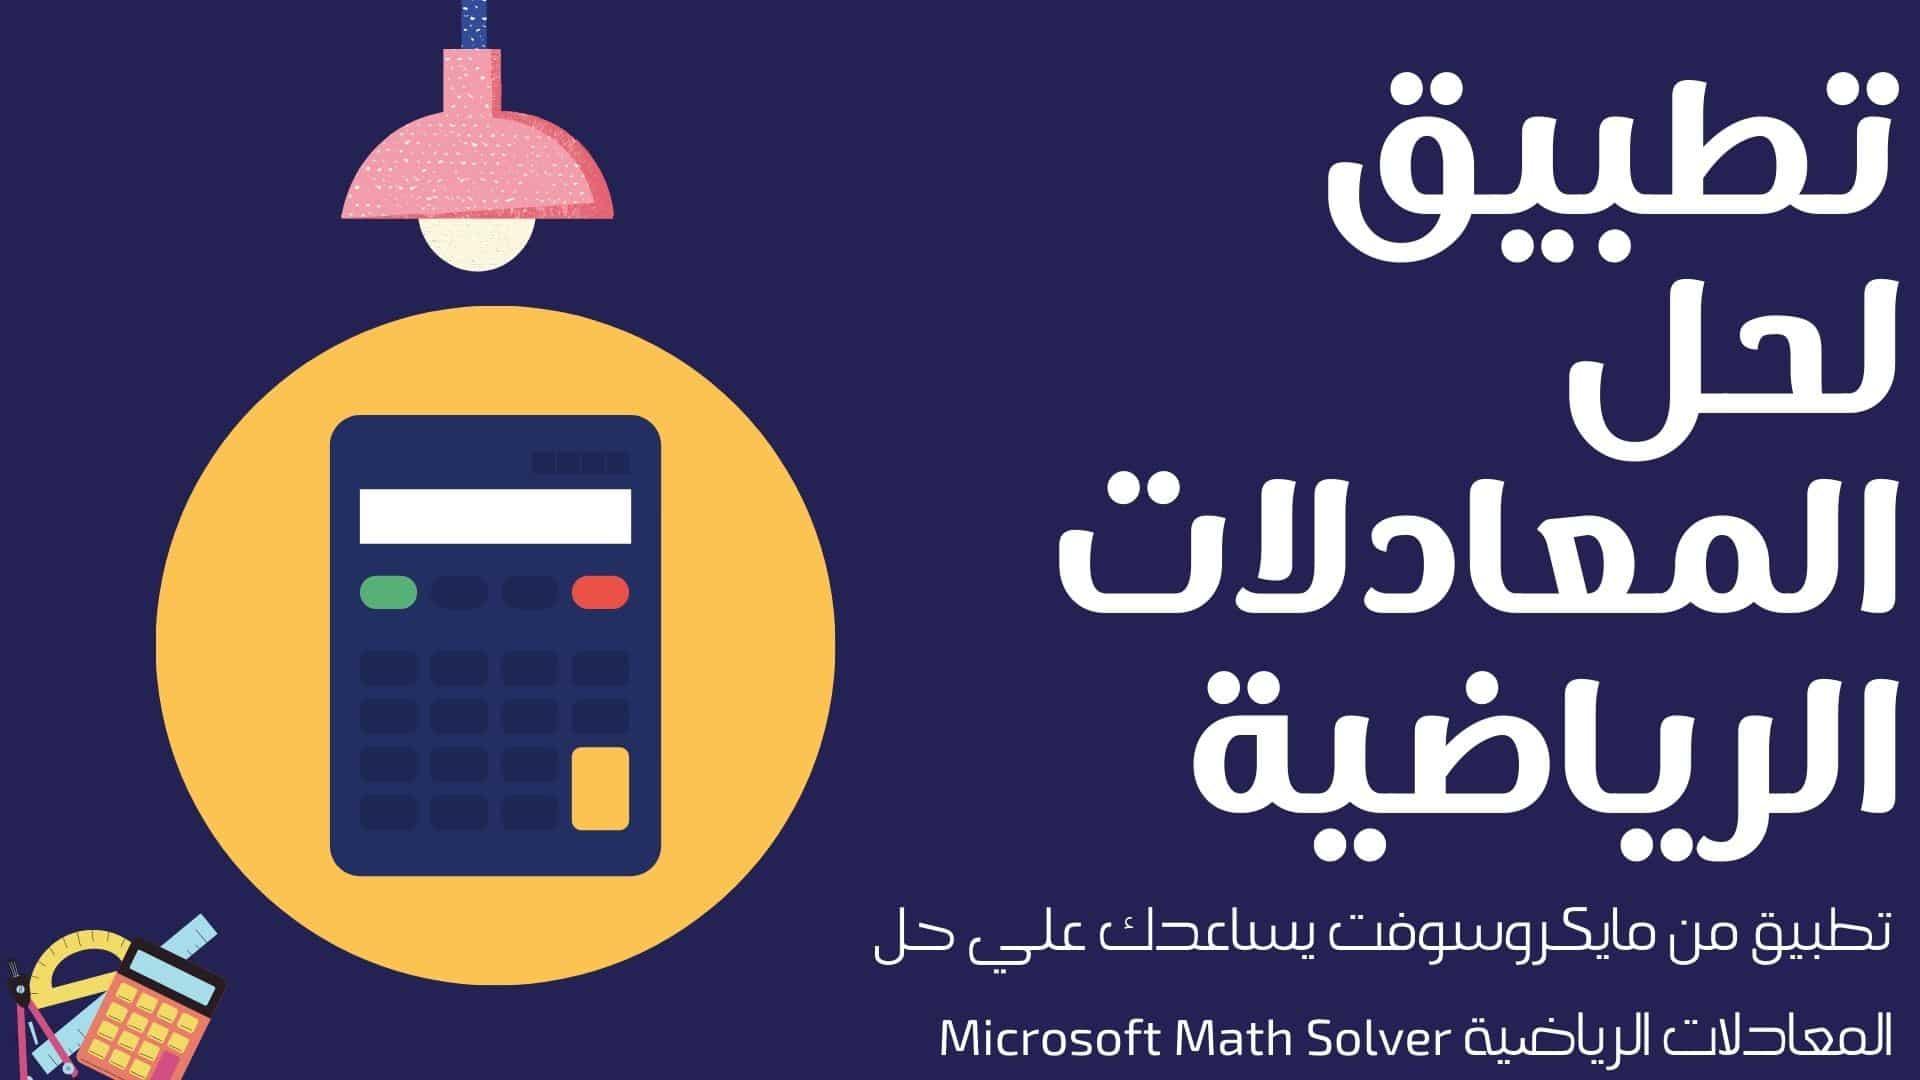 تطبيق من مايكروسوفت يساعدك علي حل المعادلات الرياضية Microsoft Math Solver